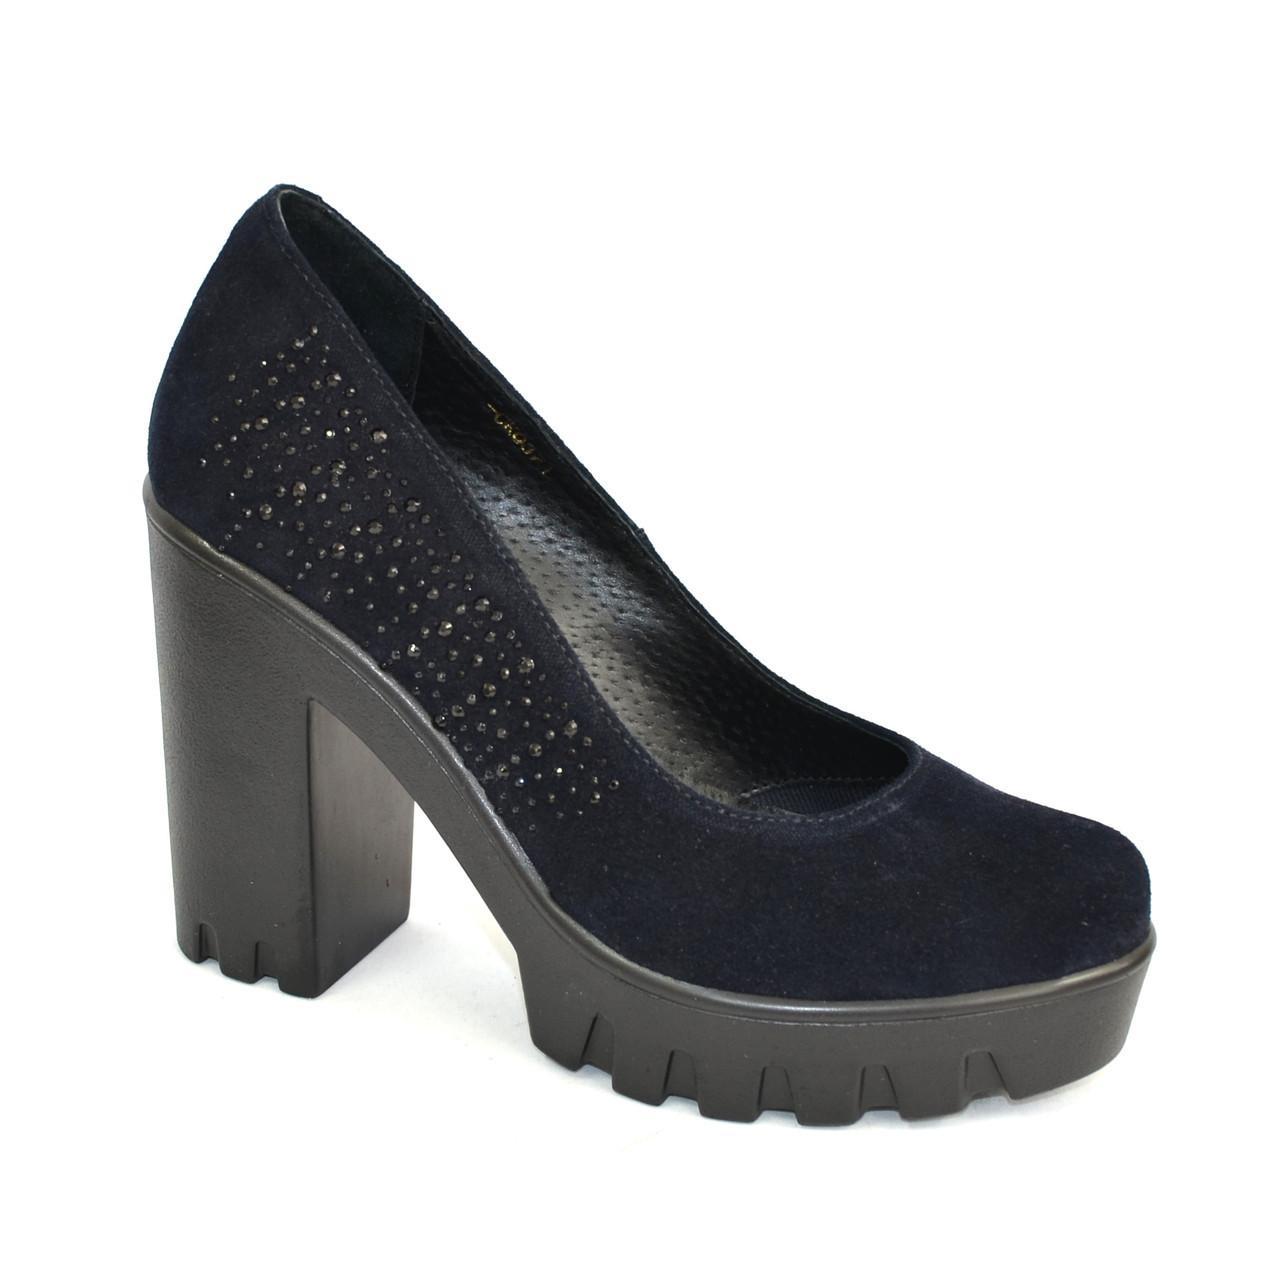 Женские синие замшевые туфли на высоком каблуке, декорированы стразами